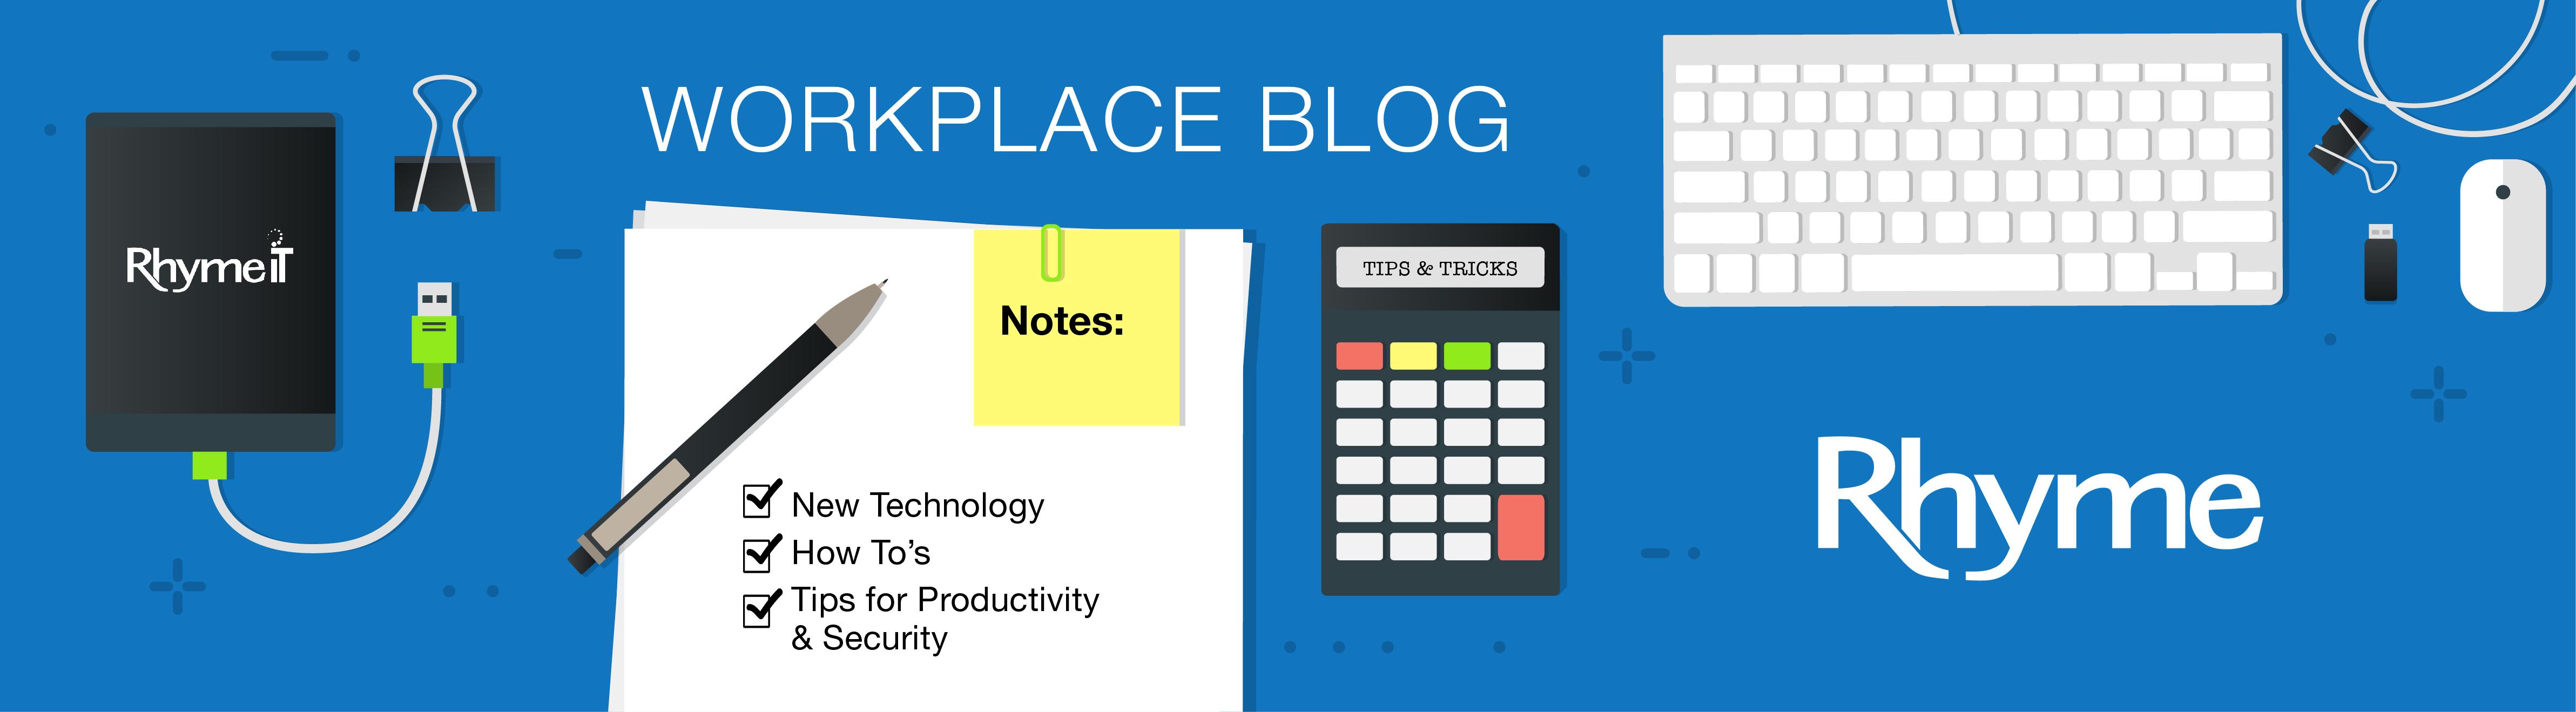 Rhyme Technology Blog